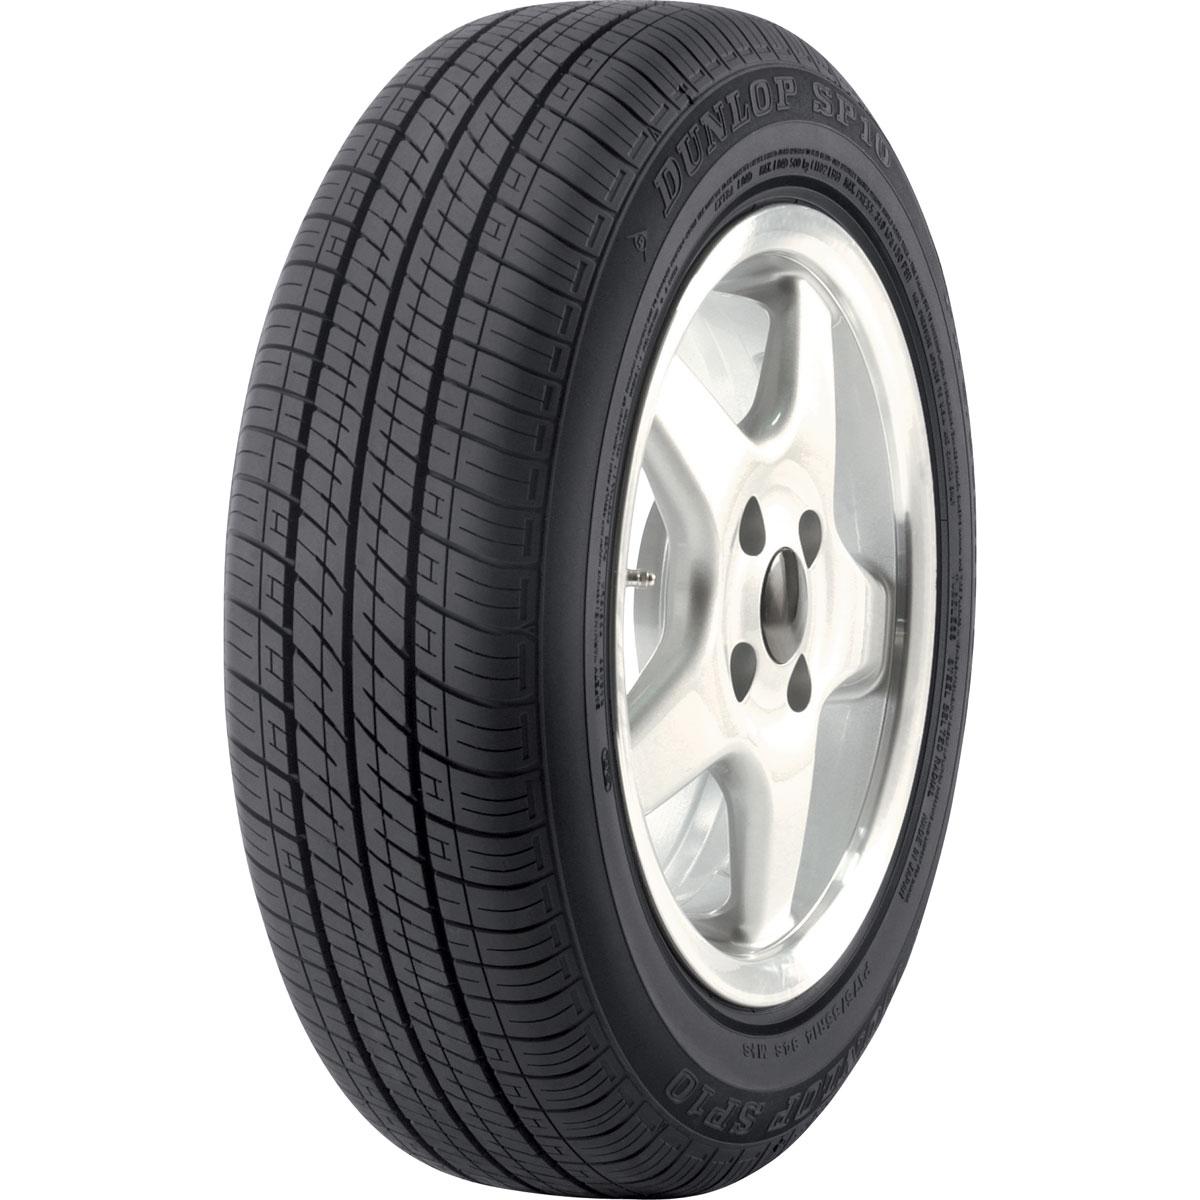 Dunlop Tires SP 10 Passenger All Season Tire